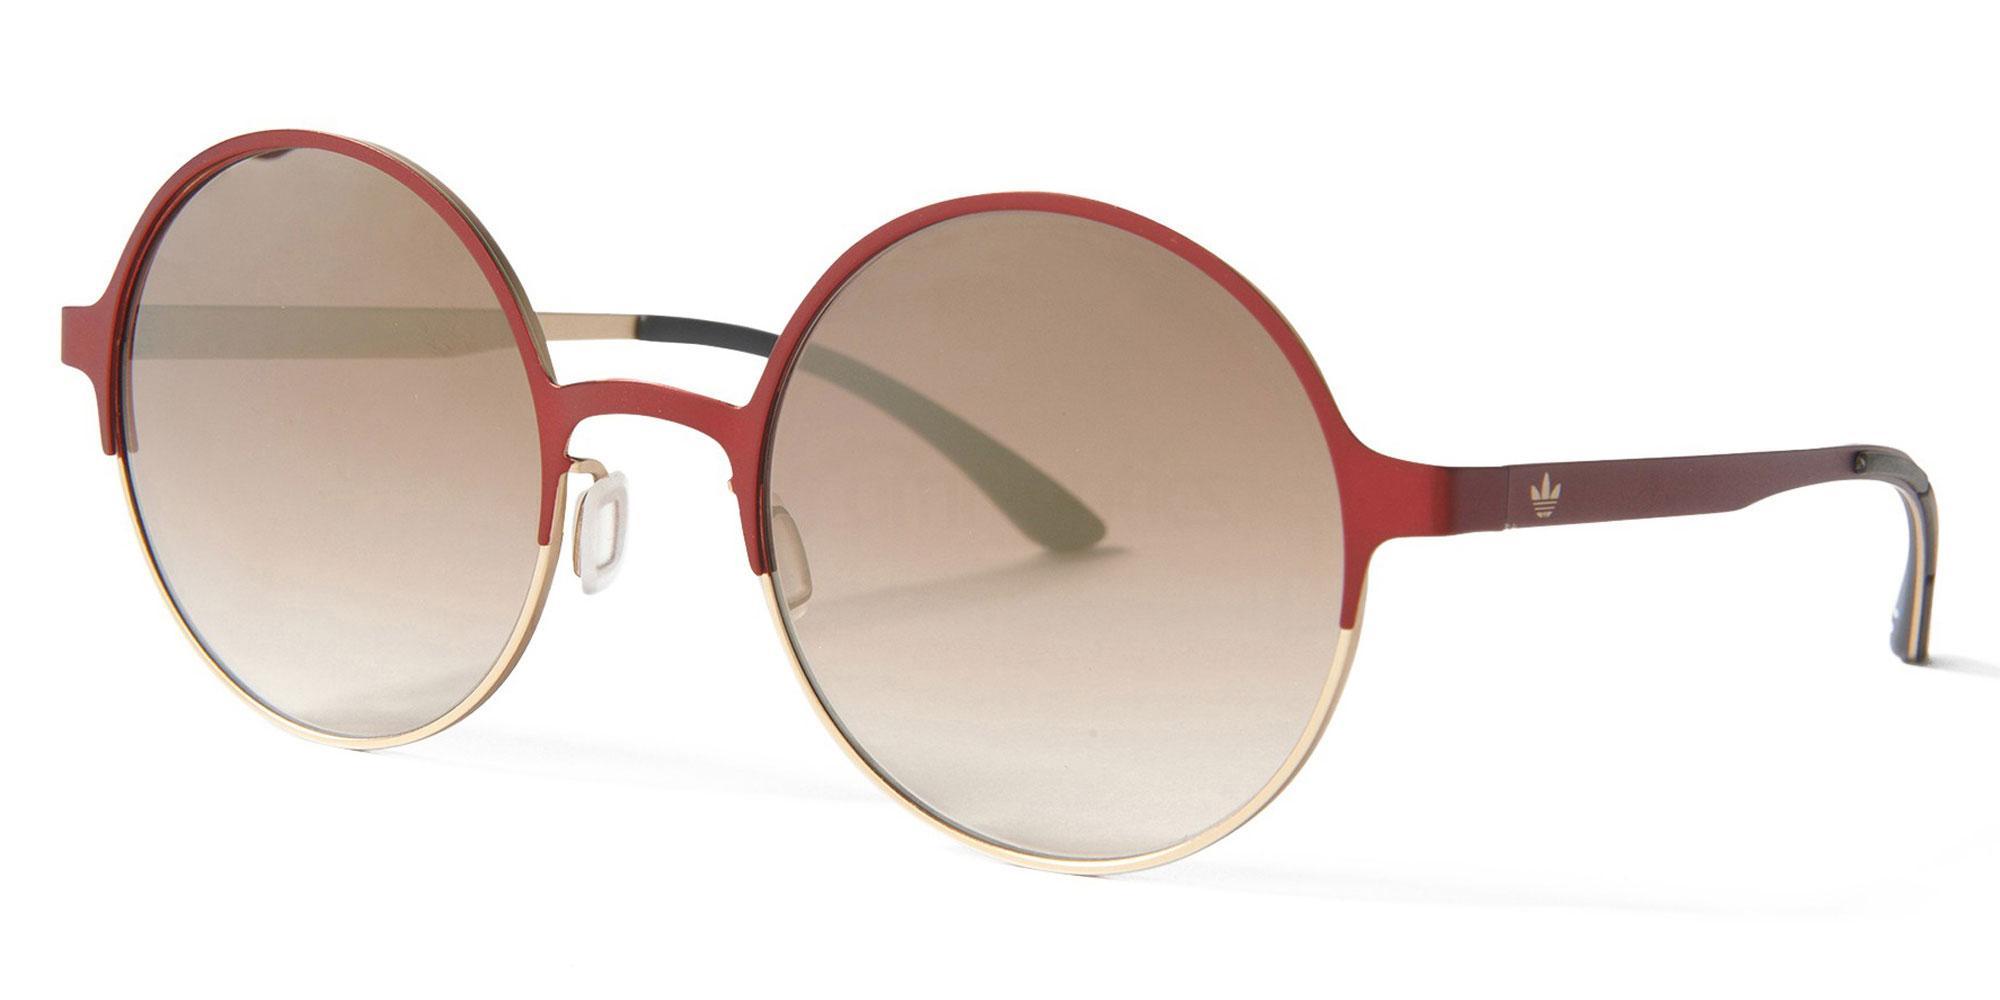 053.120 AOM004 Sunglasses, Adidas Originals